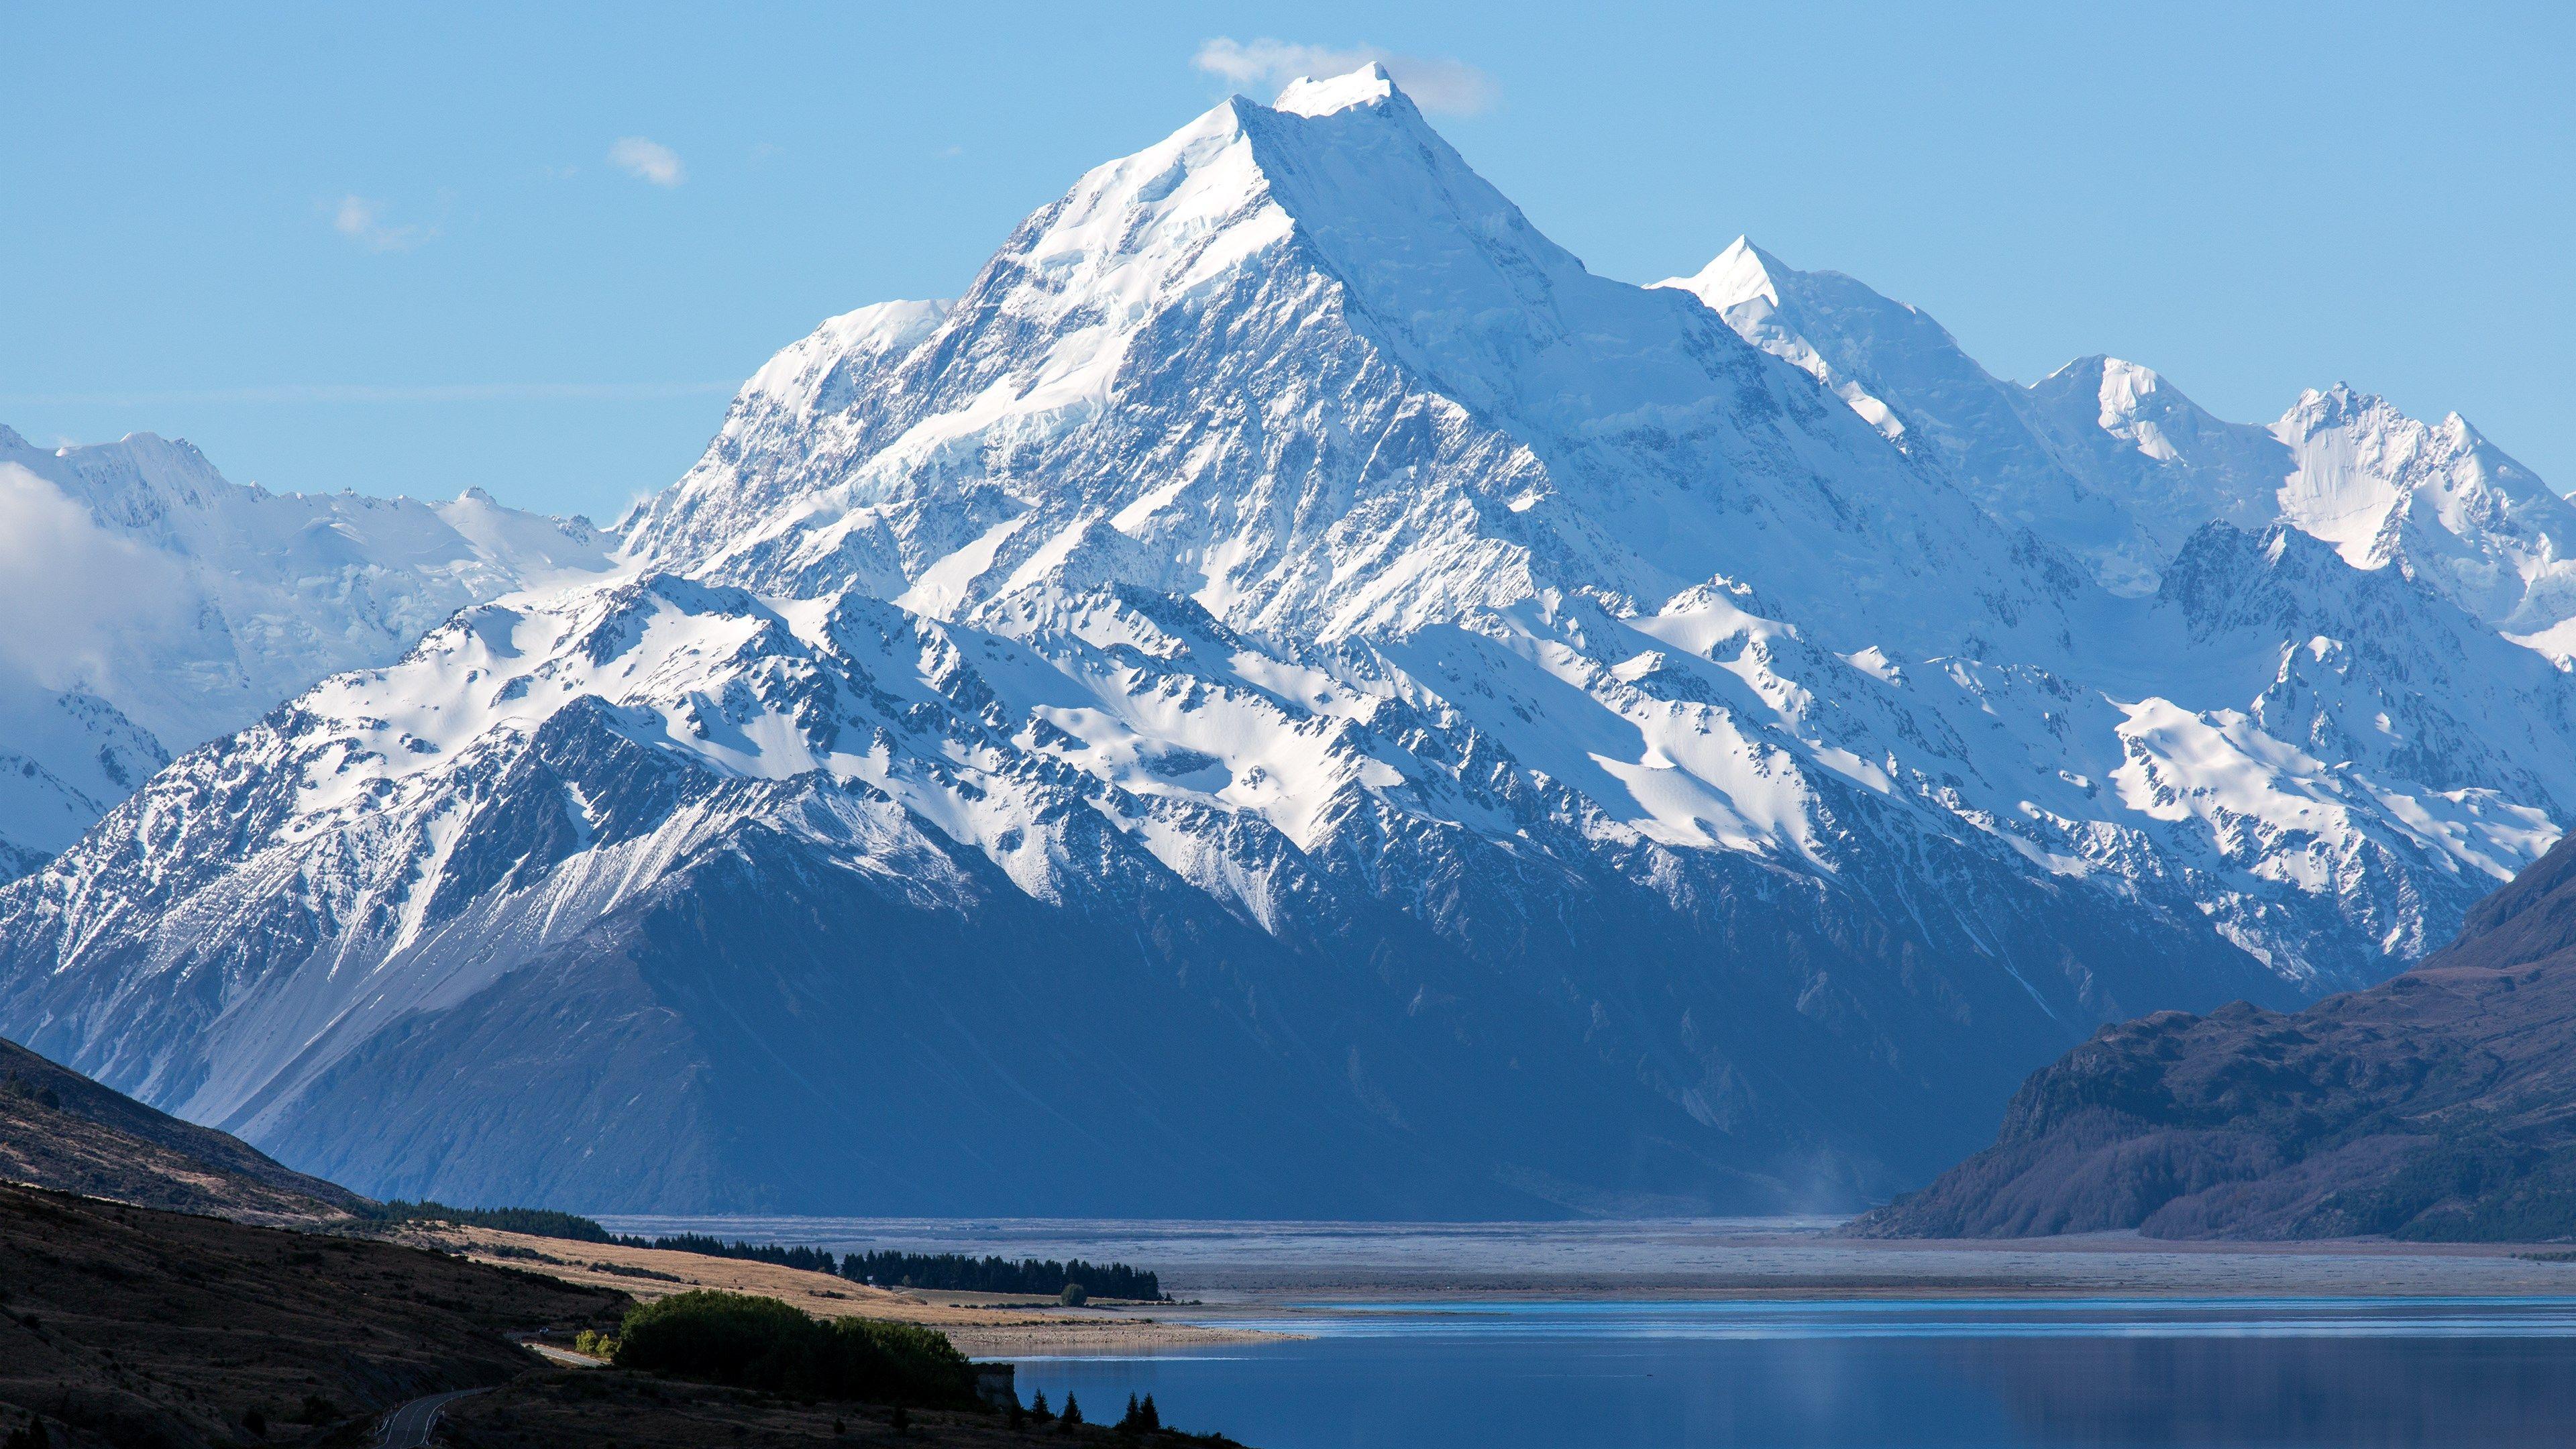 4k Wallpaper New Hd 3840x2160 Snow Lake Snow Mountain